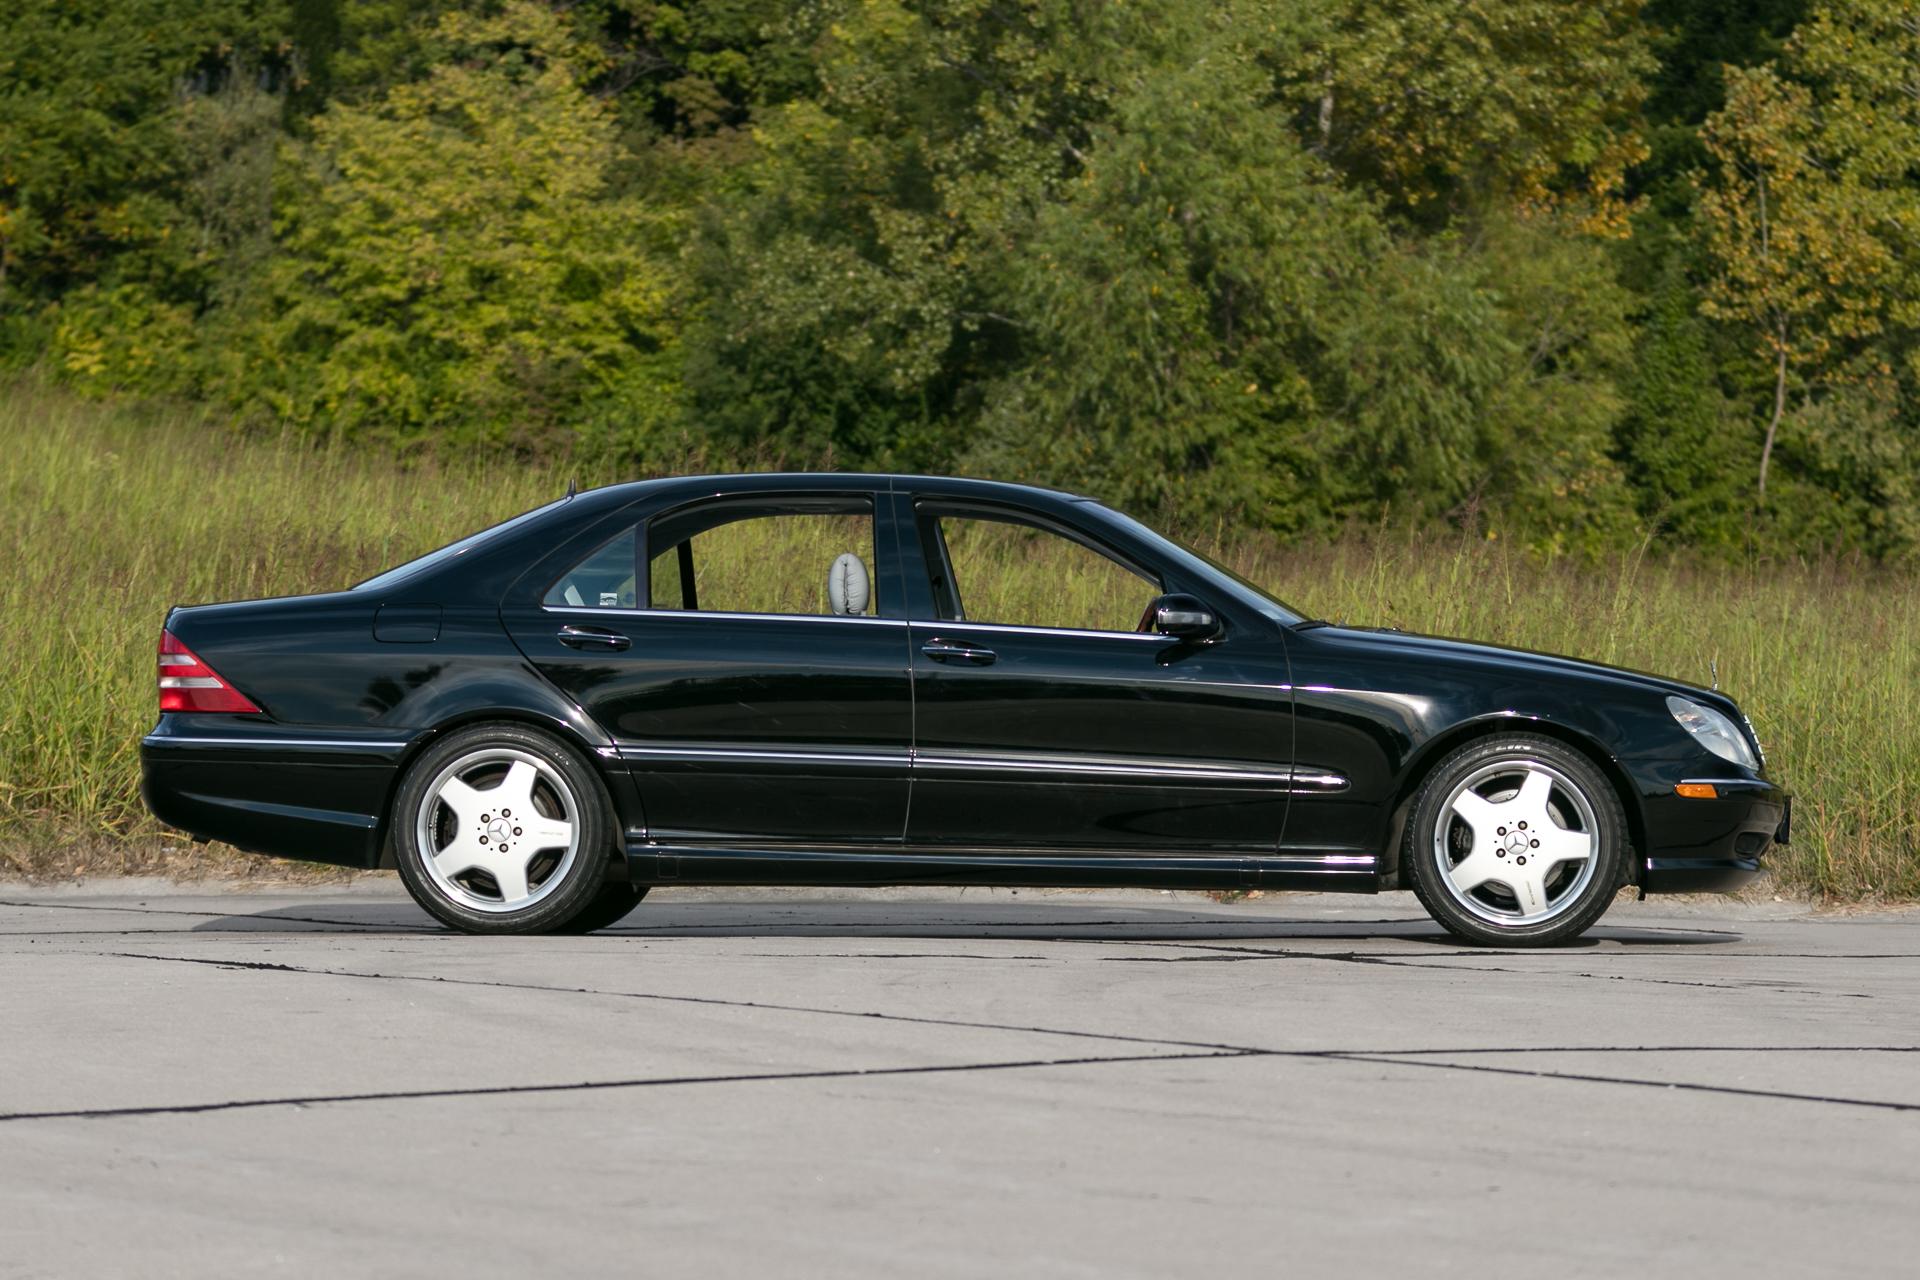 Superb ... 2001 Mercedes Benz S500 ...